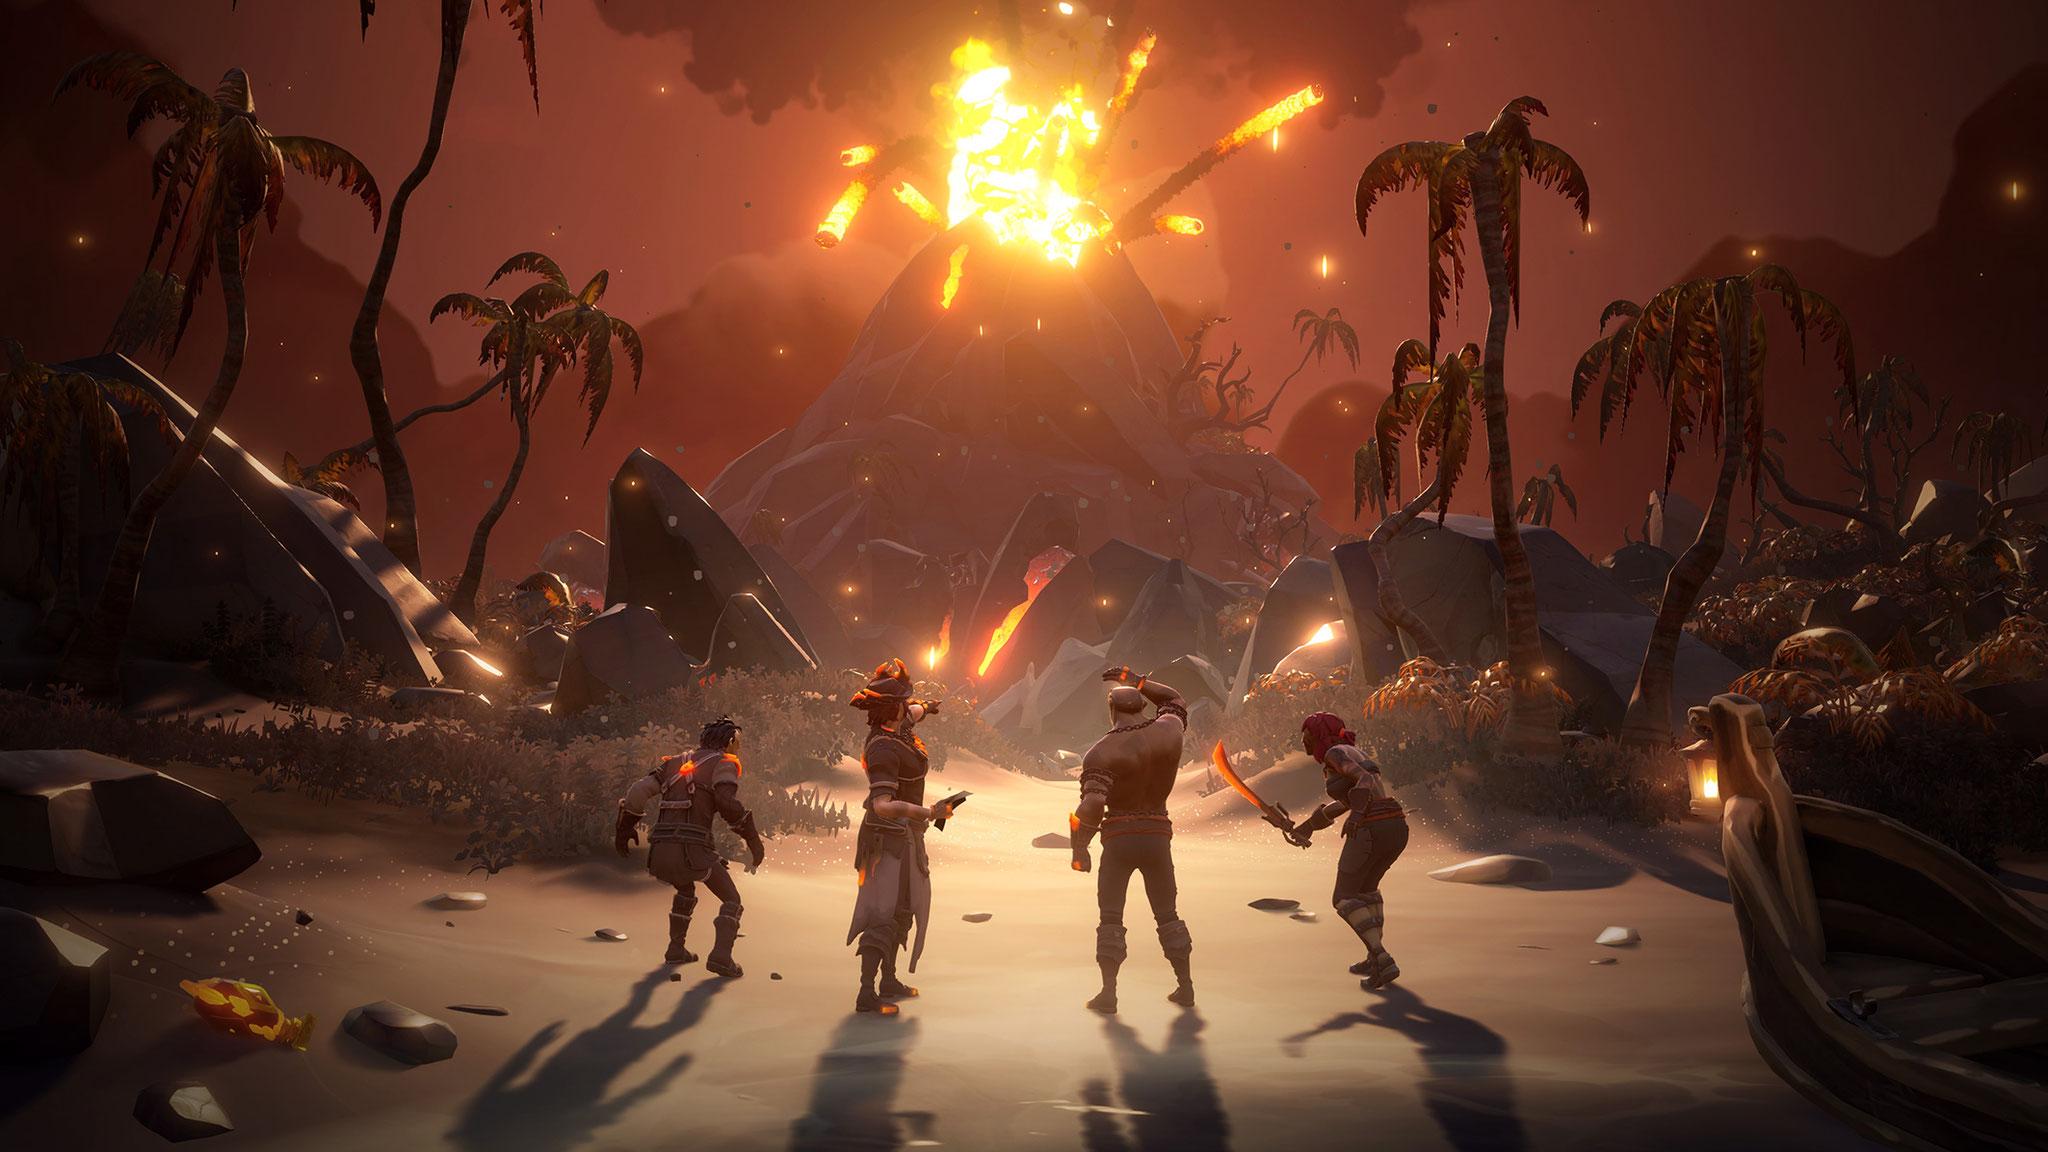 """Die """"X018"""" in Mexico City hielt zwar jede Menge News für Xbox-Besitzer bereit, aber der erhoffte News-Kracher blieb aus. Zu den Ankündigungen zählte ein """"Arena""""-Modus für das nächste """"Sea of Thieves""""-Update."""